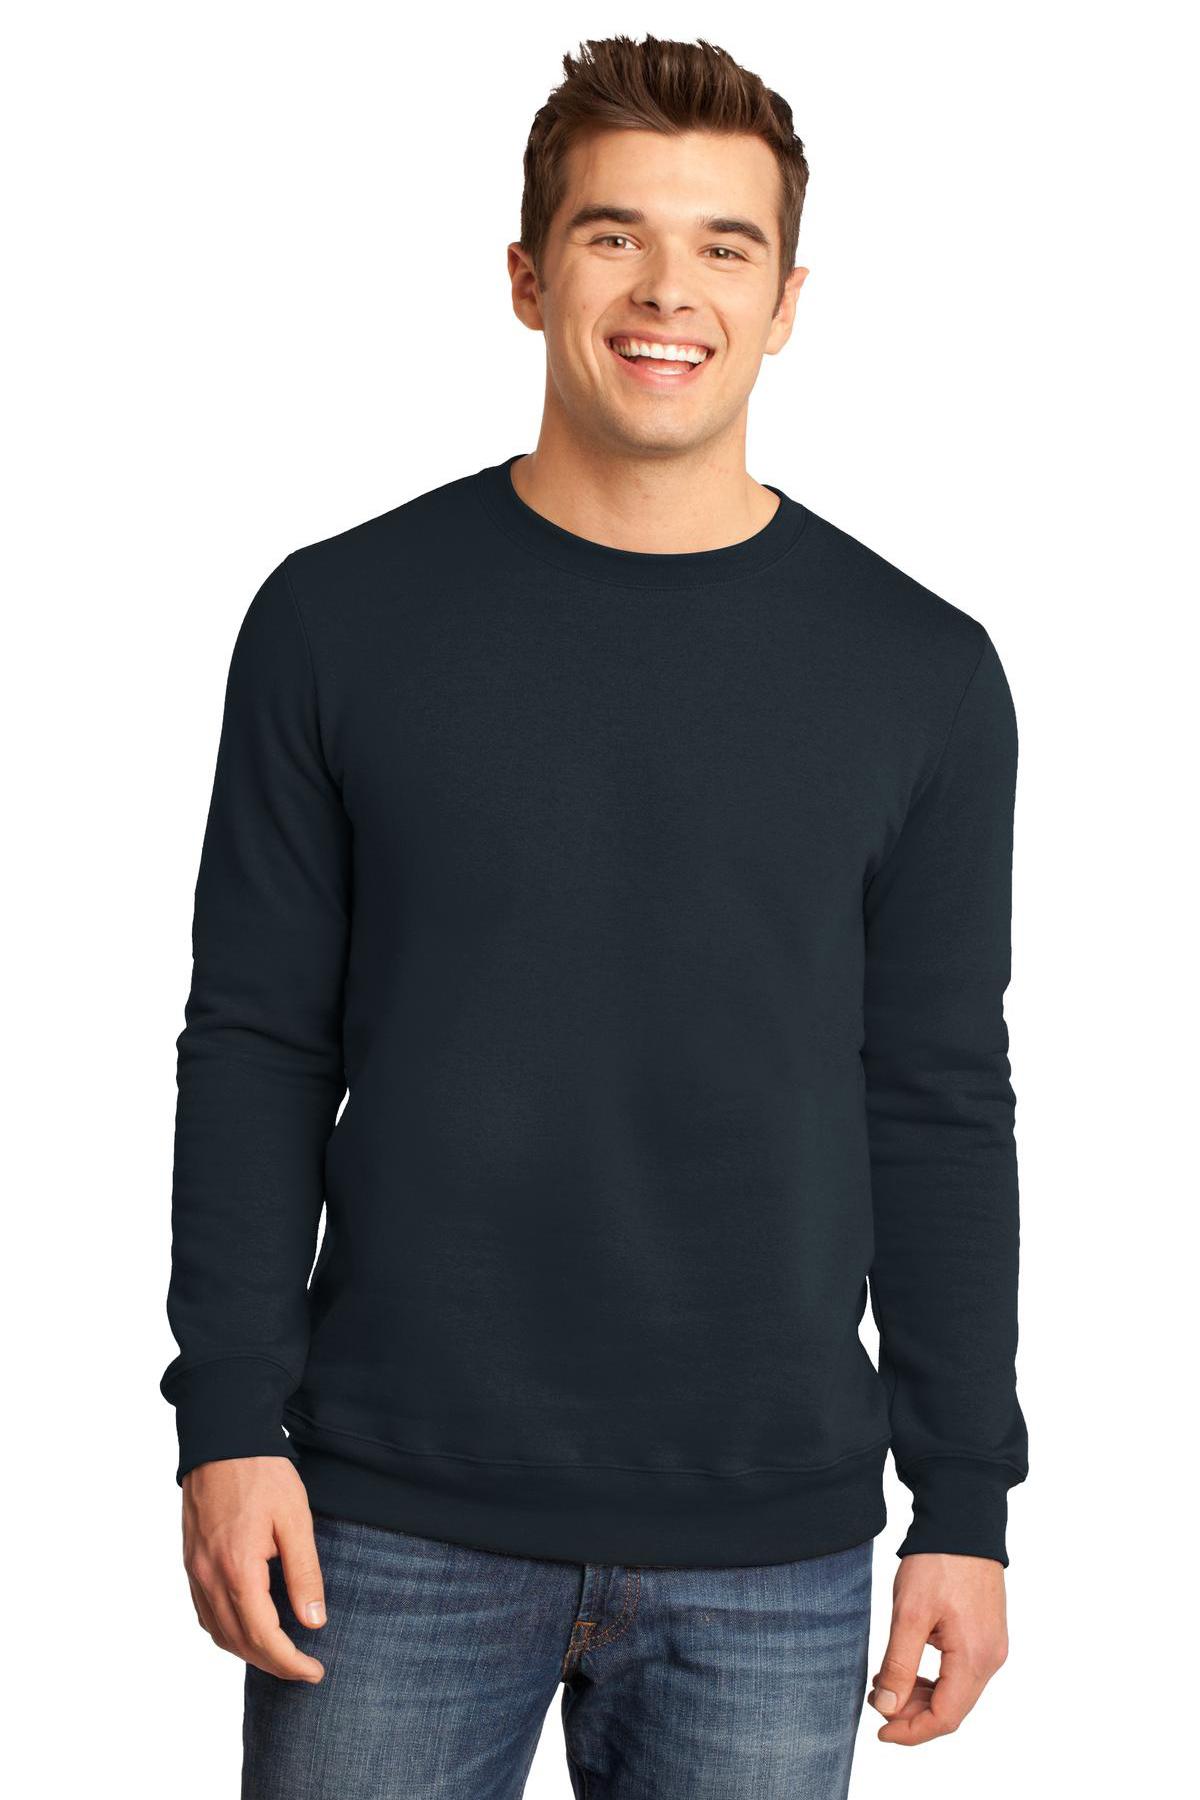 Sweatshirts-Fleece-Crew-Necks-10